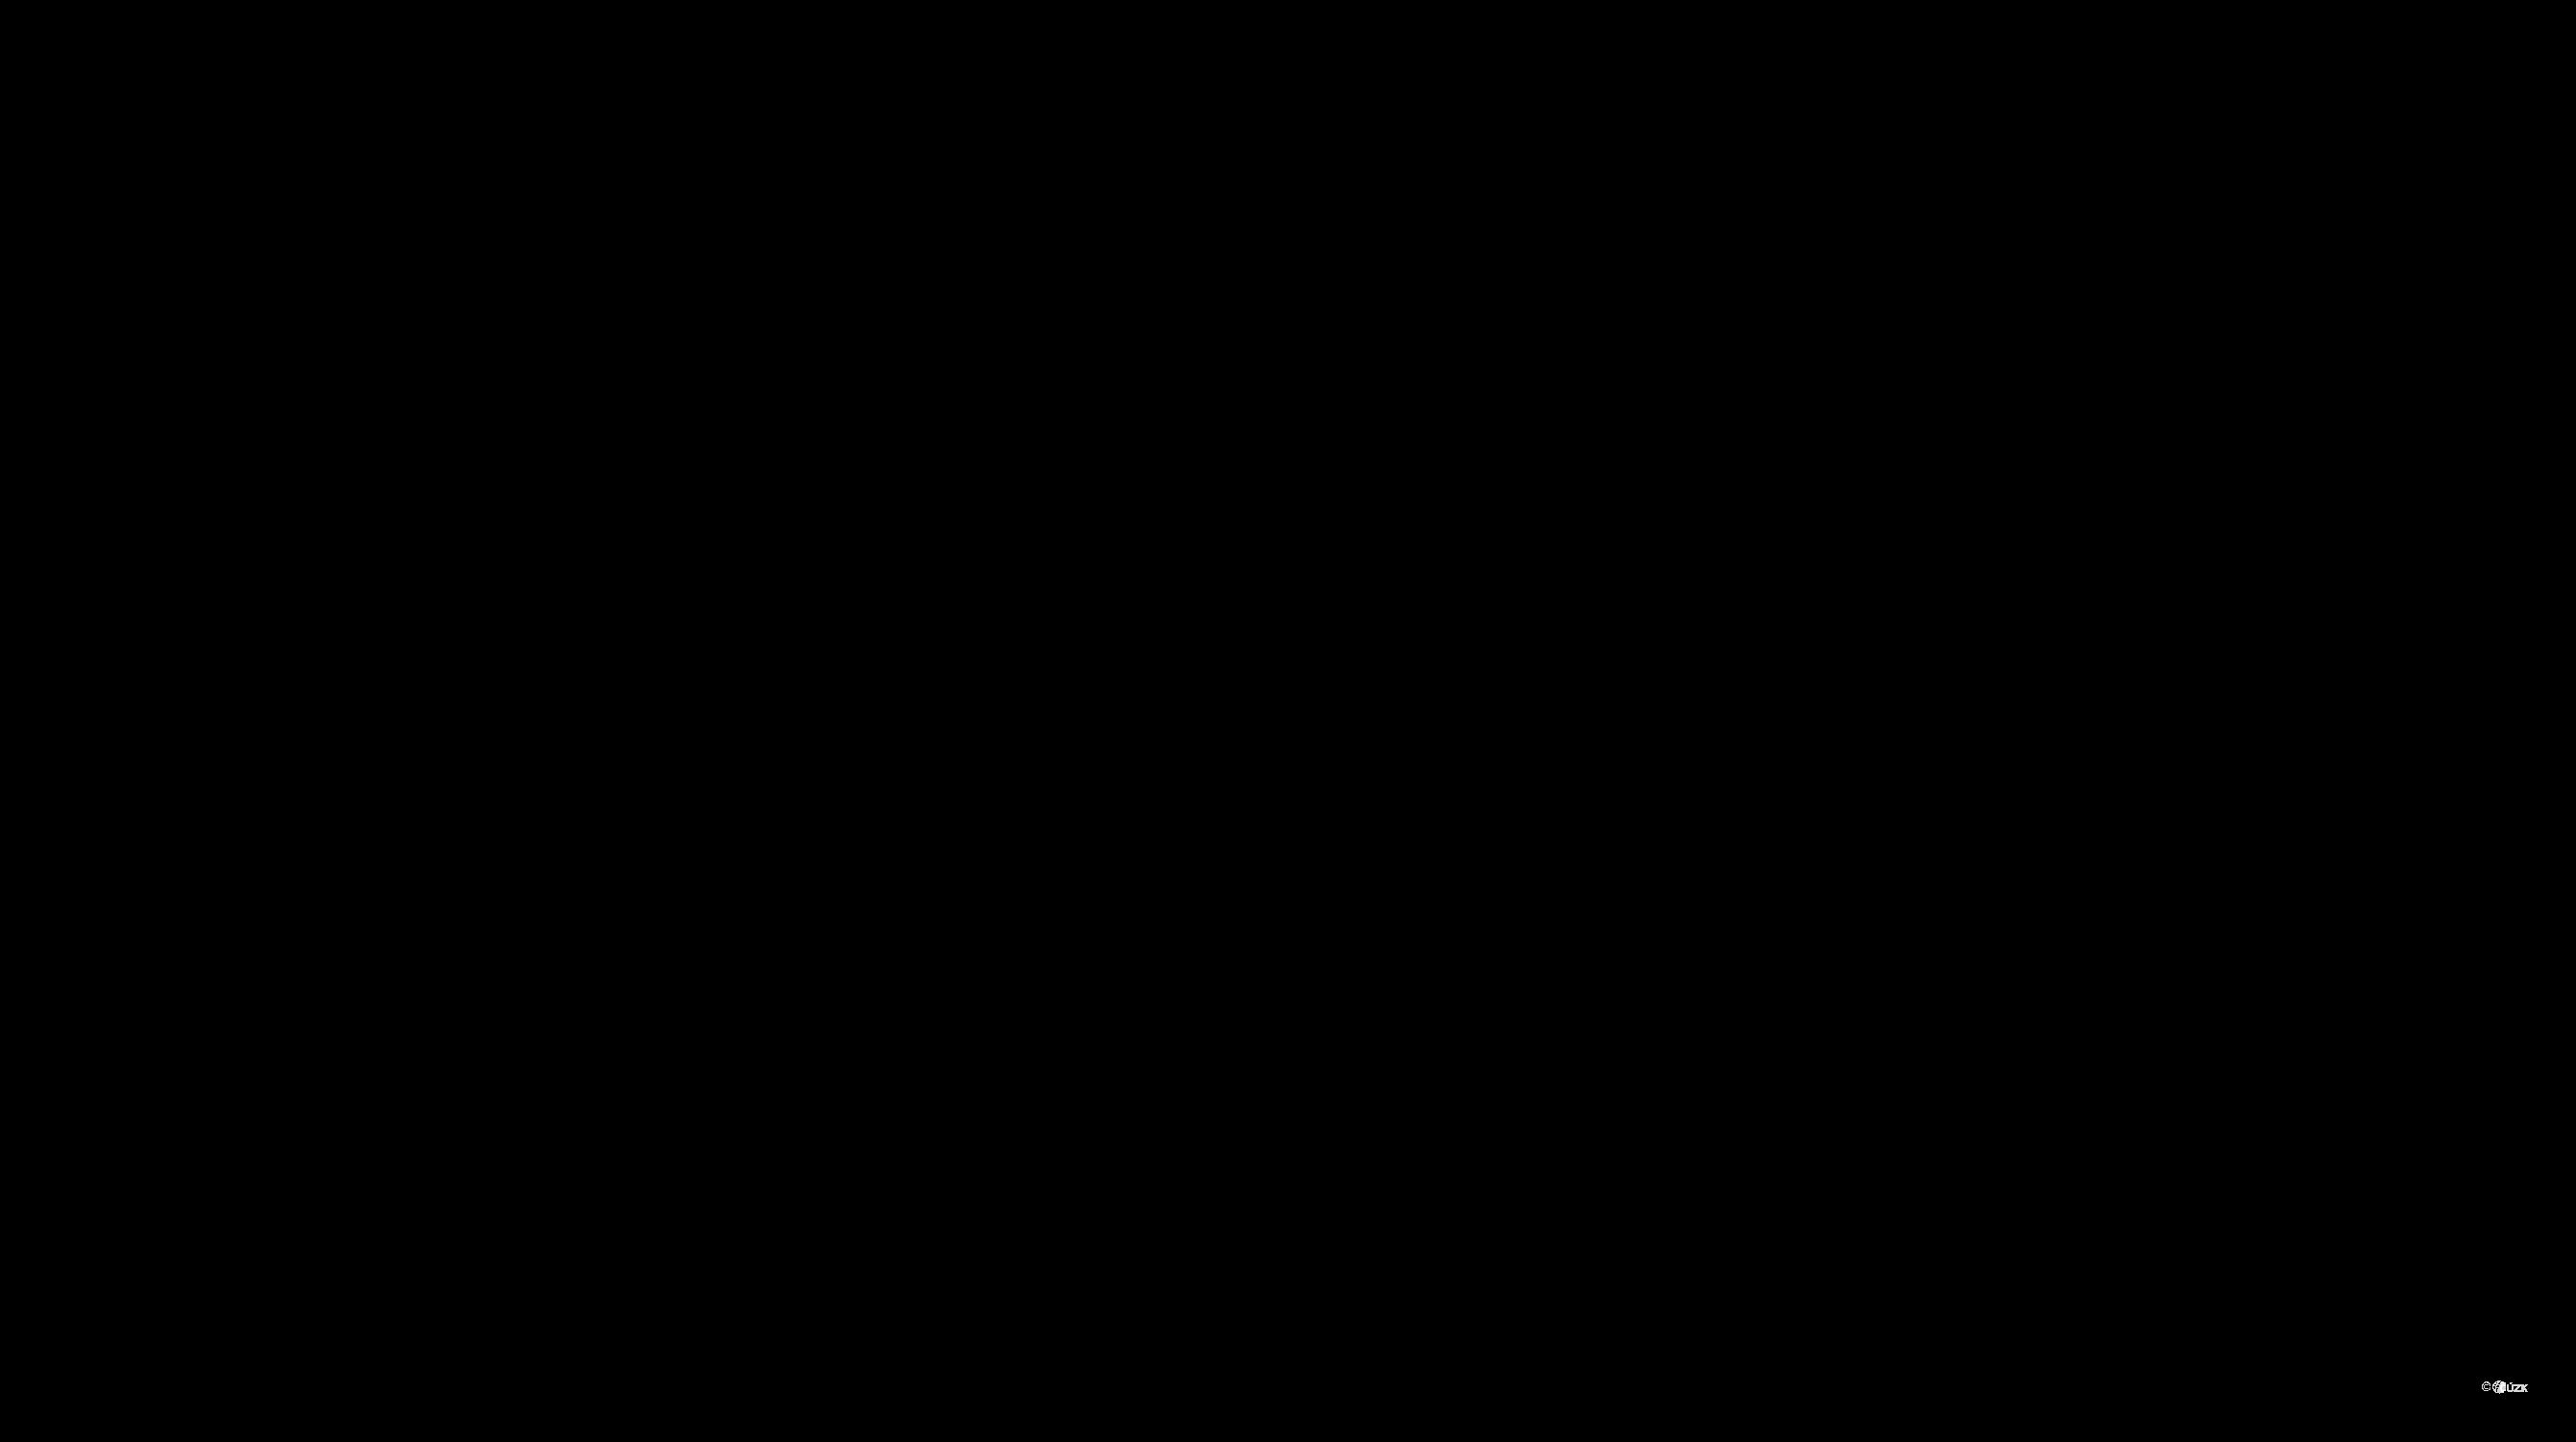 Katastrální mapa pozemků a čísla parcel Kbel u Přeštic